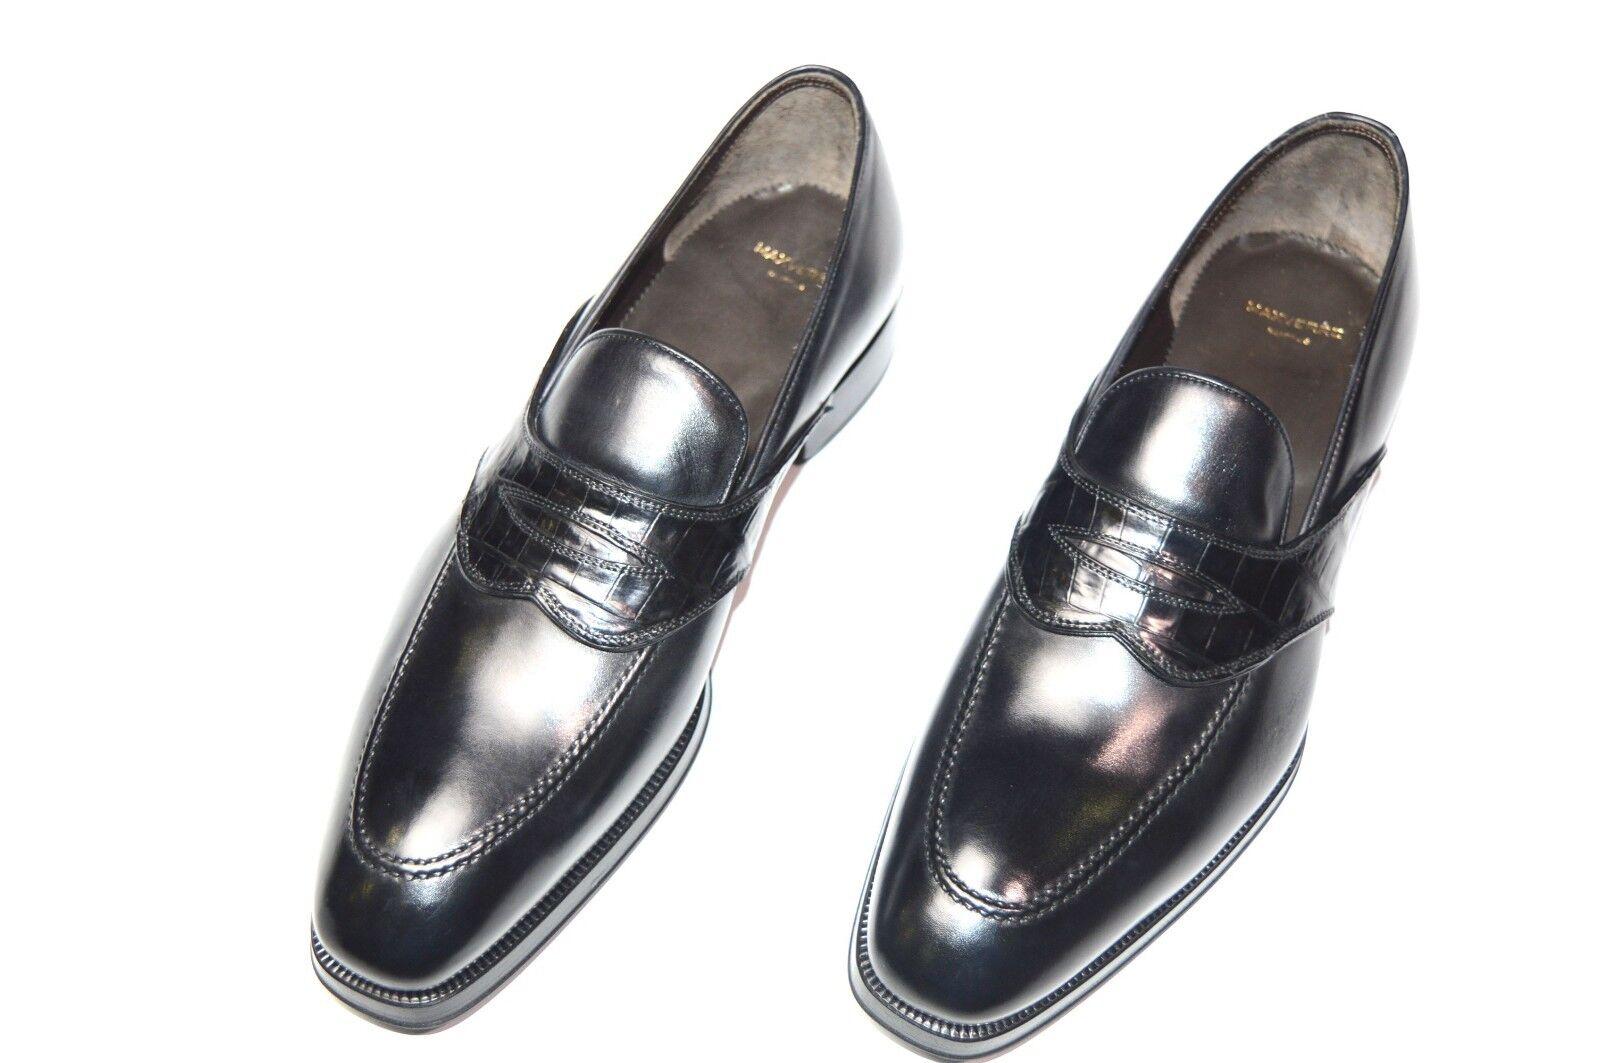 nuovo MAX VERRE Dress Leather LIMITED  sautope Dimensione Eu 41.5 Uk 7.5 Us 8.5 Cod M15 Sautope classeiche da uomo